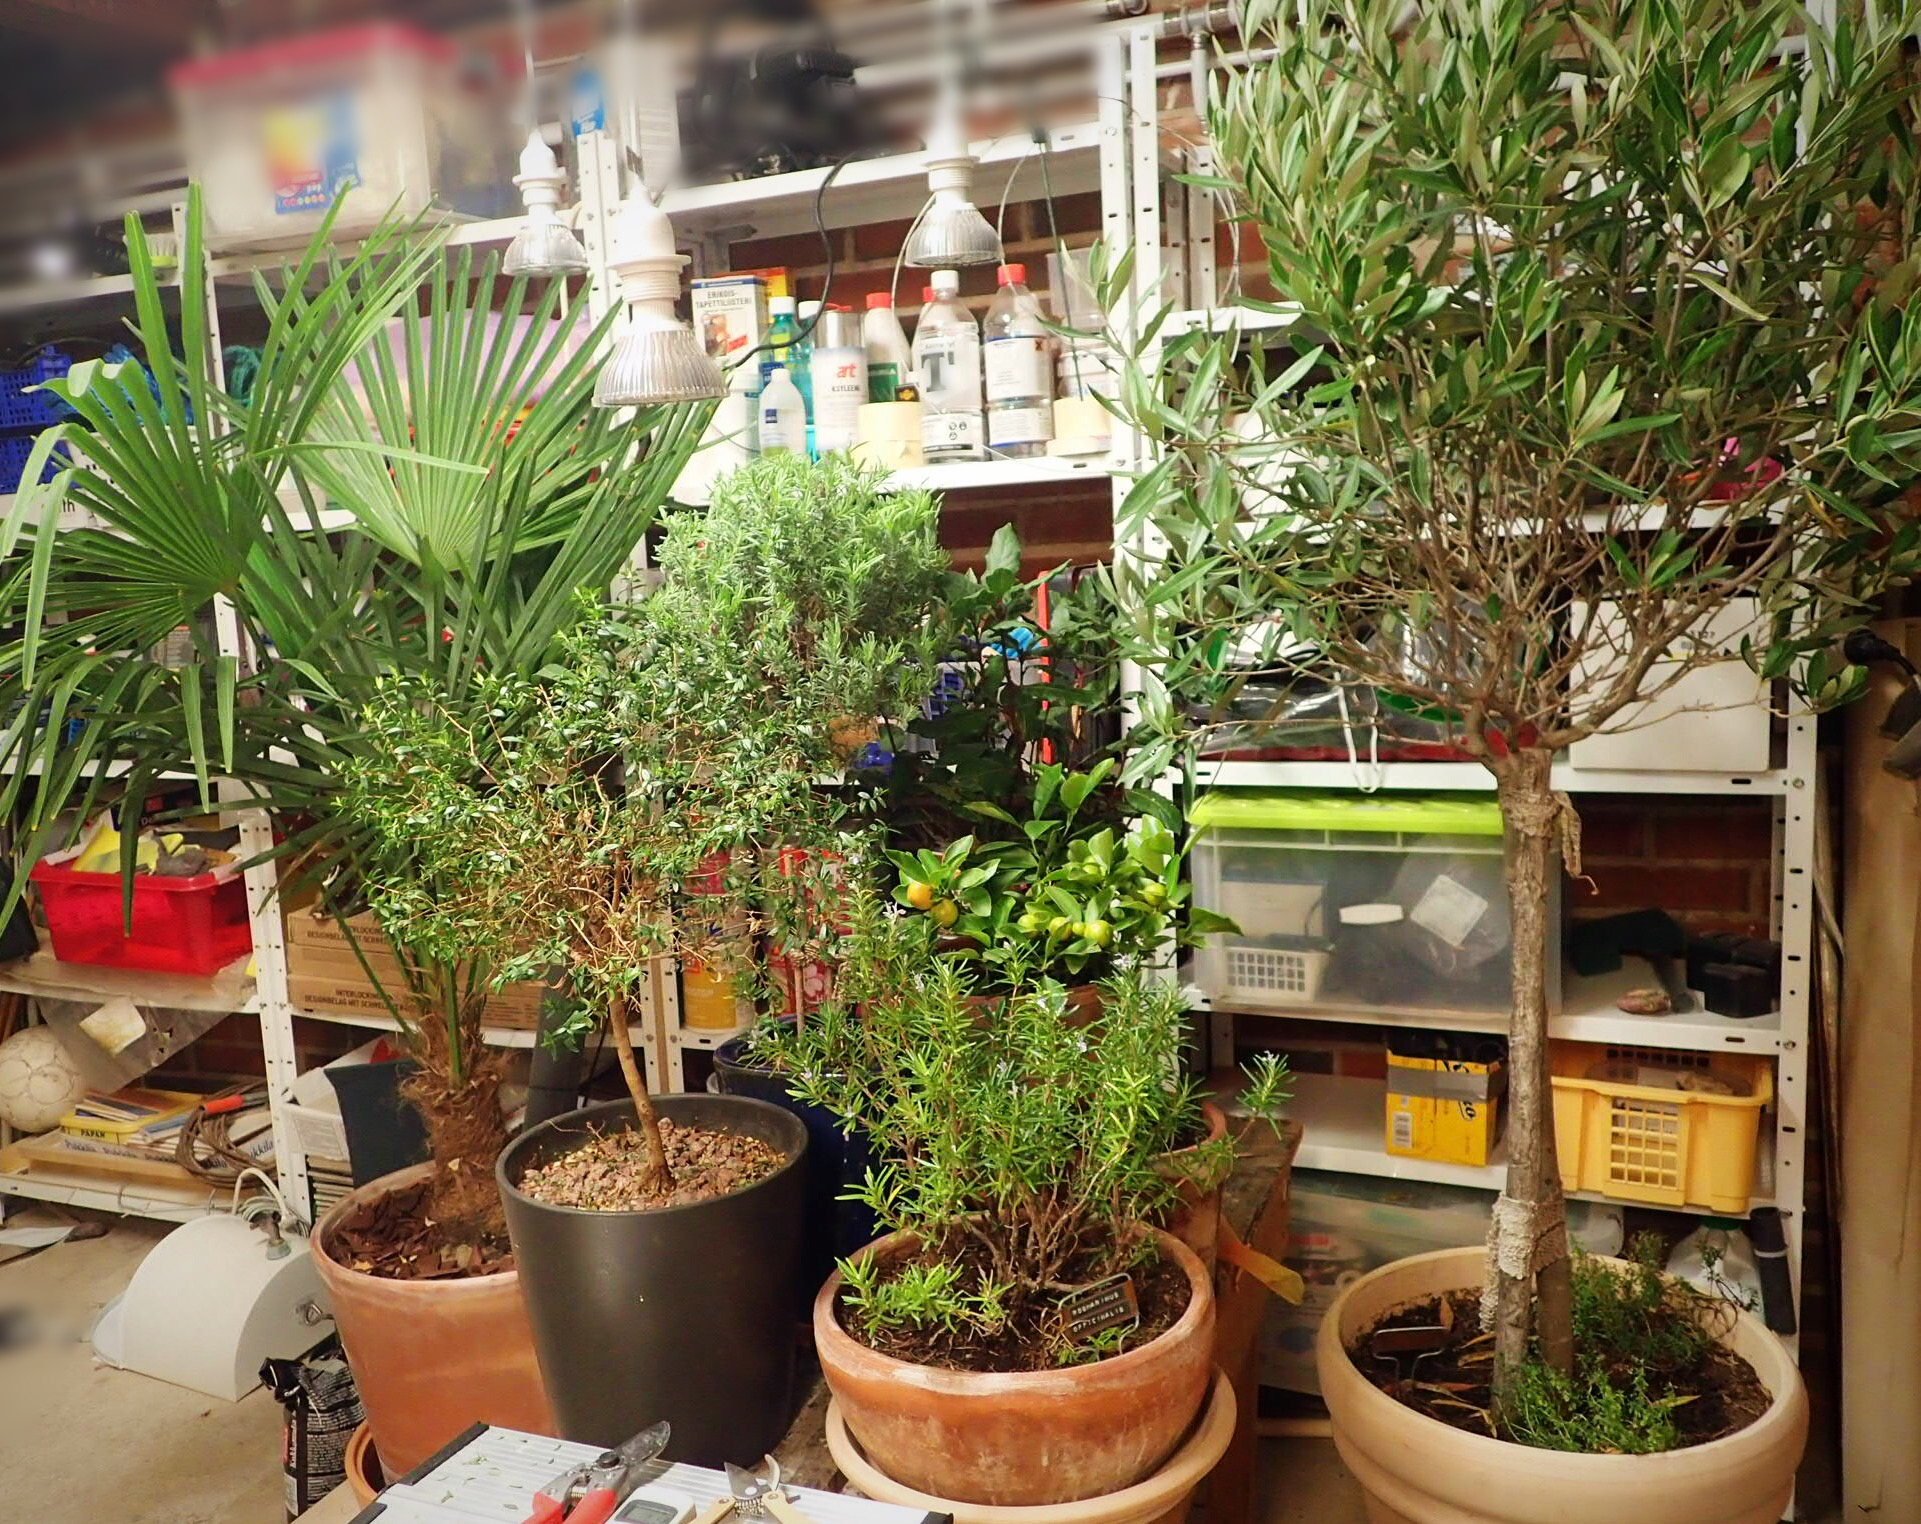 Välimeren alueen kasveja talvehtimassa autotallissa. Mm. oliivipuu, laventeli, rosmariini, kalamondiini ja kuitupalmu.